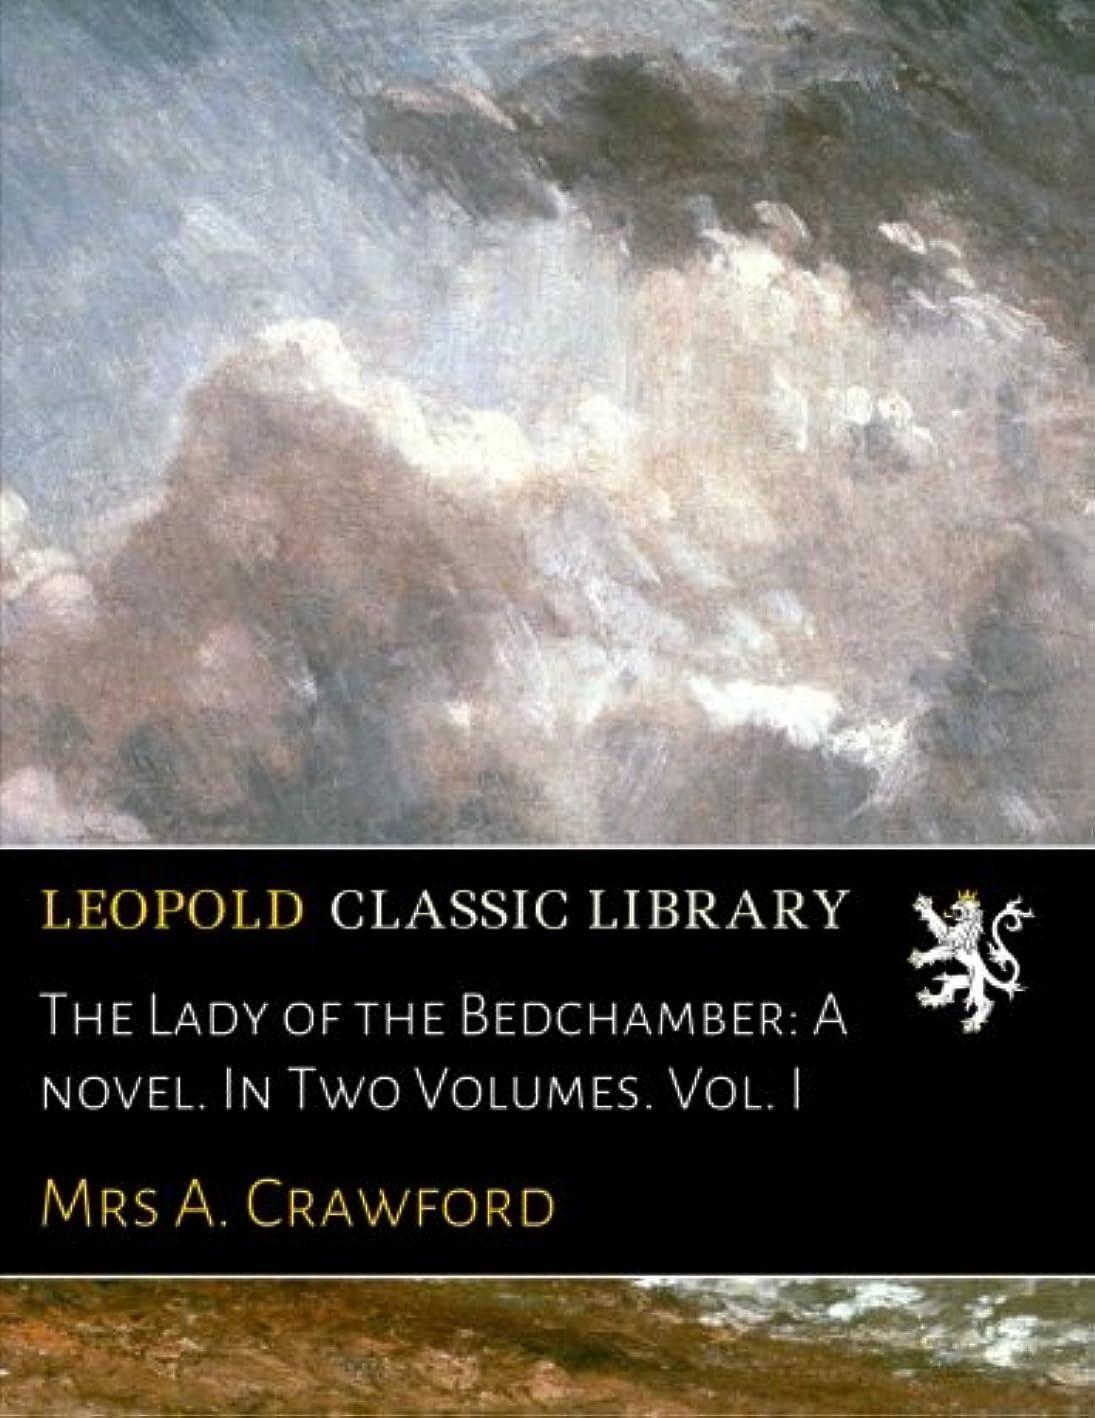 アクションレタスミリメーターThe Lady of the Bedchamber: A novel. In Two Volumes. Vol. I